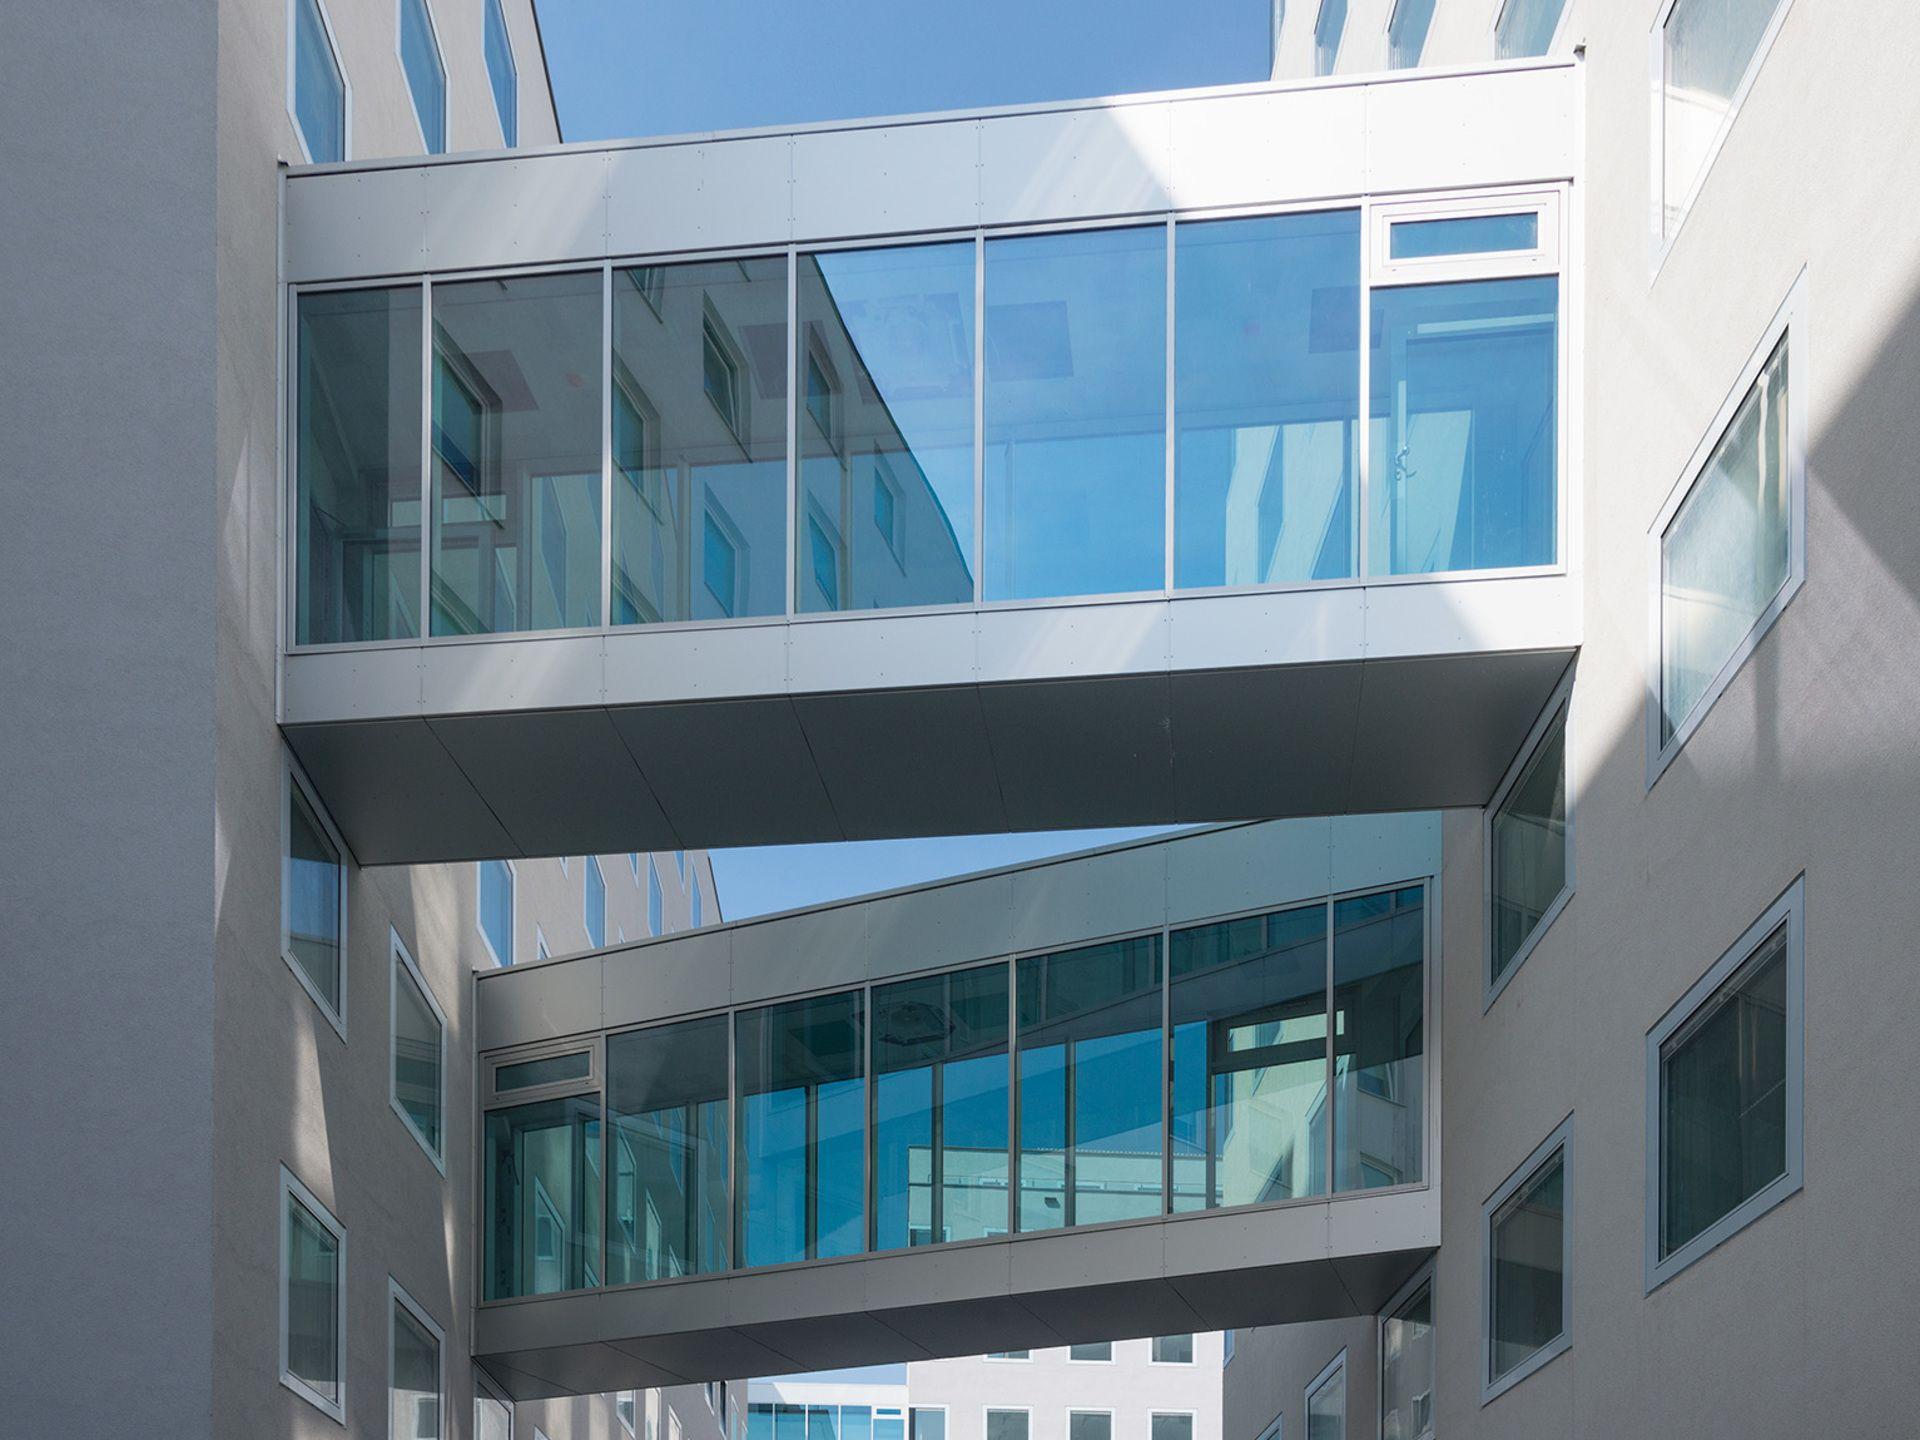 Lassallestraße, 1020 Wien - GREEN WORX